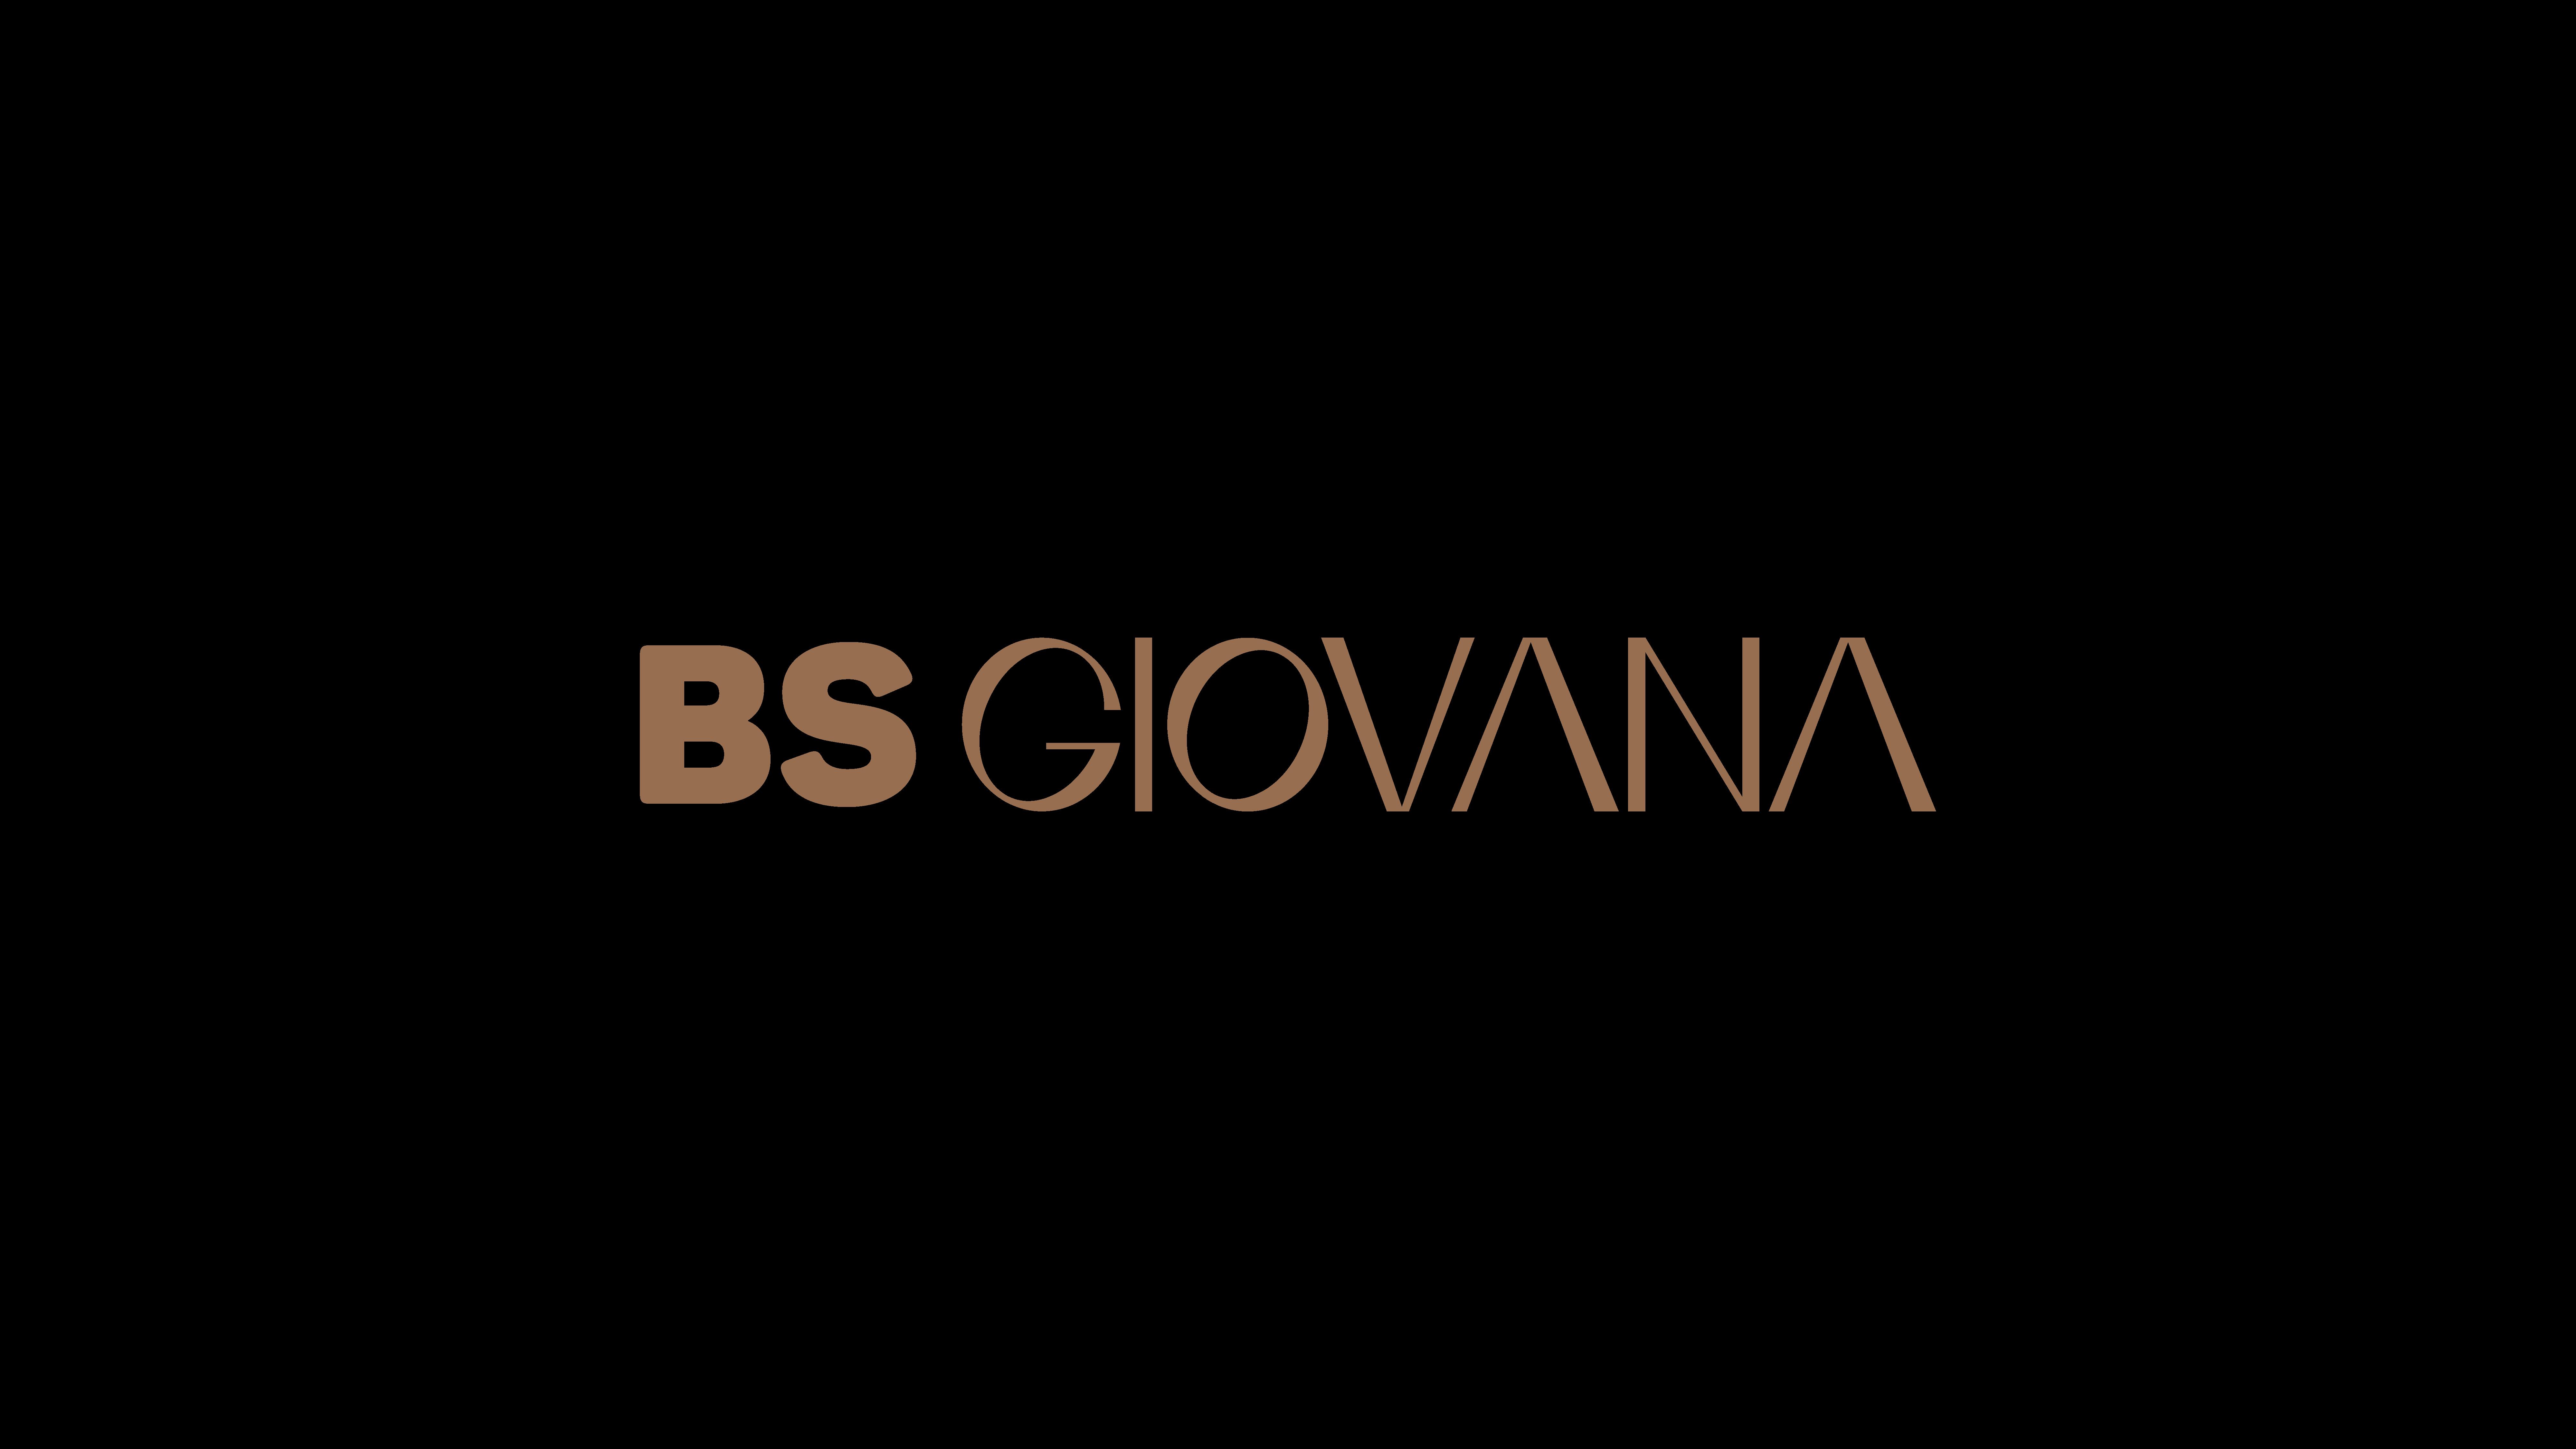 BS GIOVANA